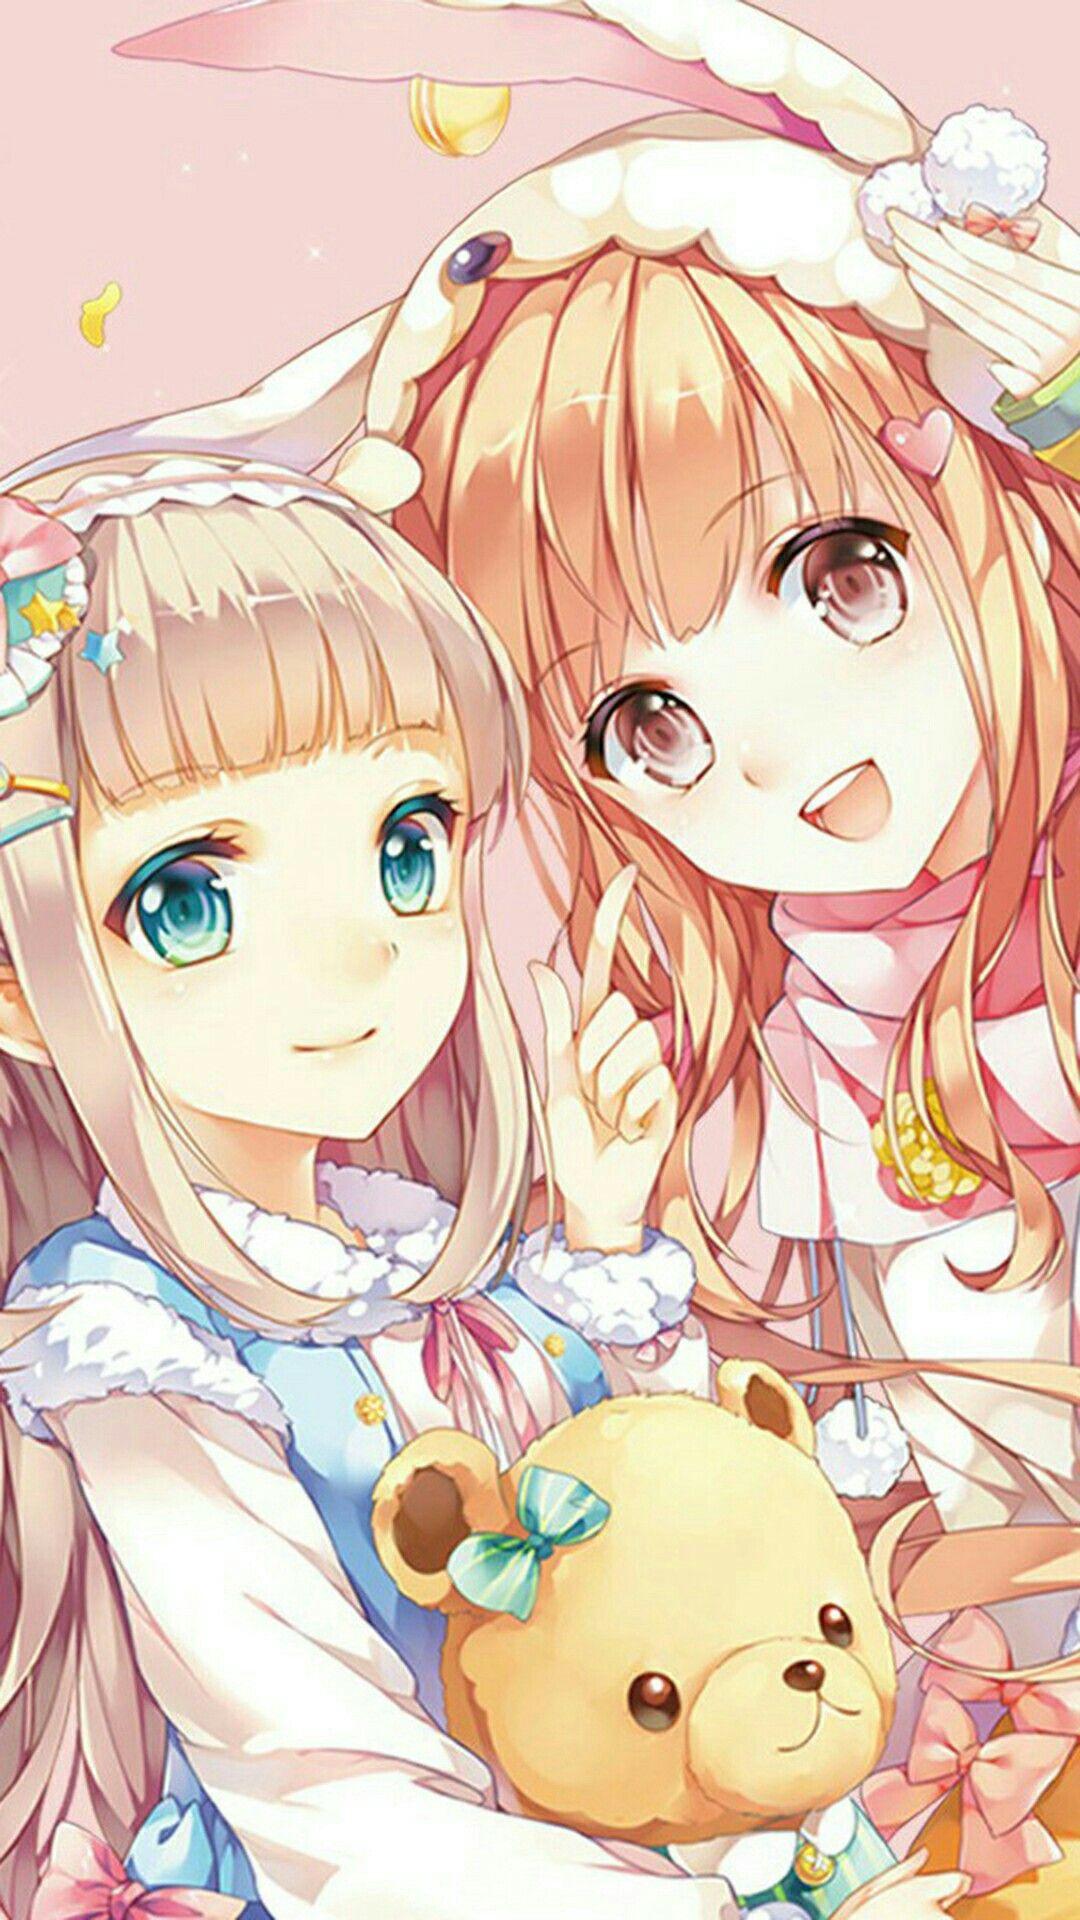 images for anime girls | aime girl art | pinterest | anime, art